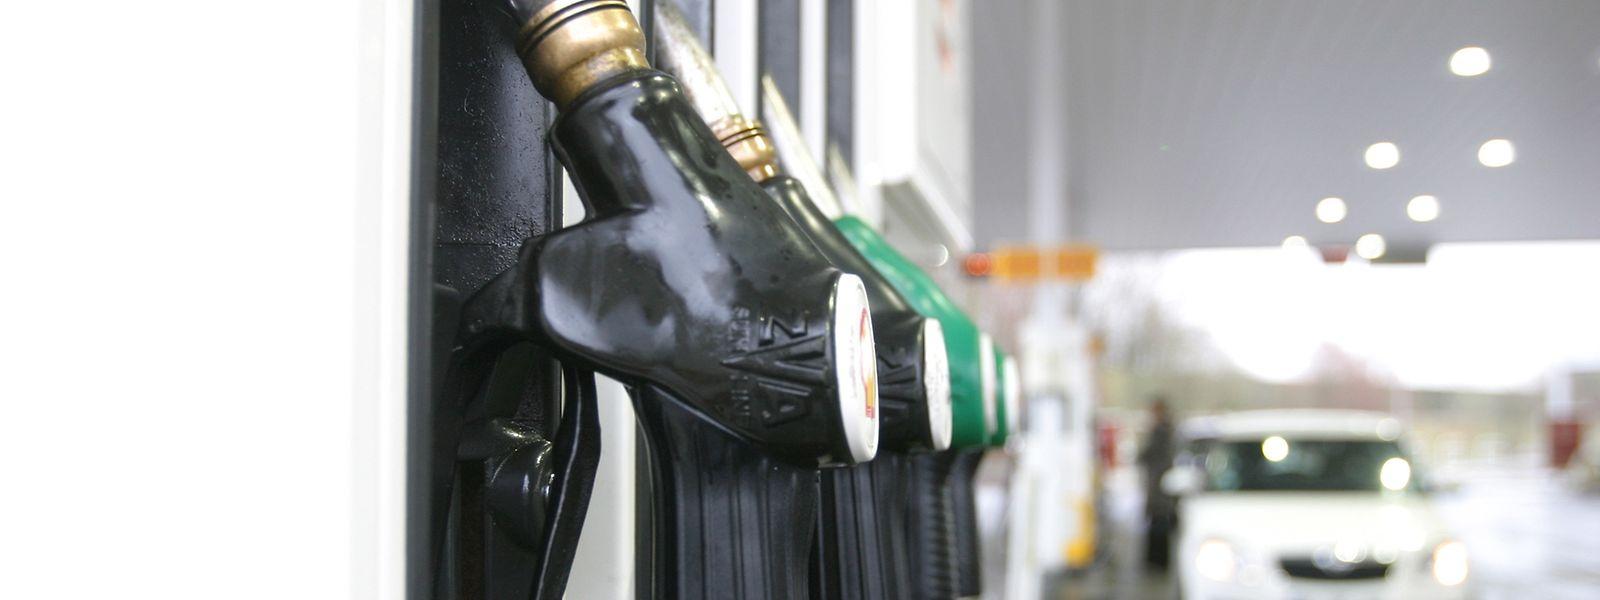 Le litre de diesel passera à 0.896 euro le litre.